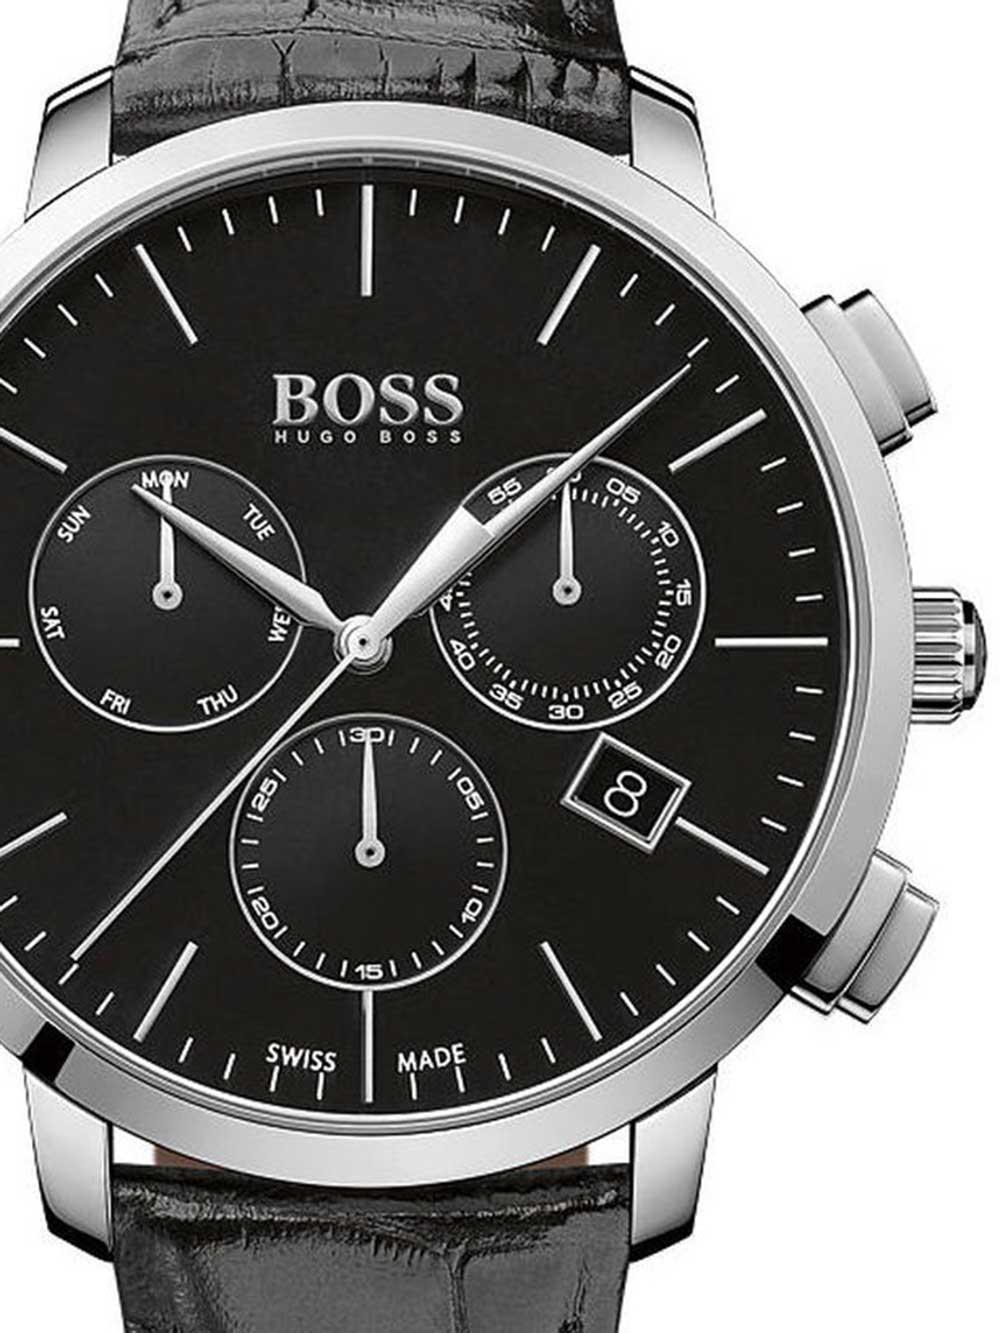 ceas barbatesc hugo boss 1513266 swiss-made chrono 44mm 3atm saphir